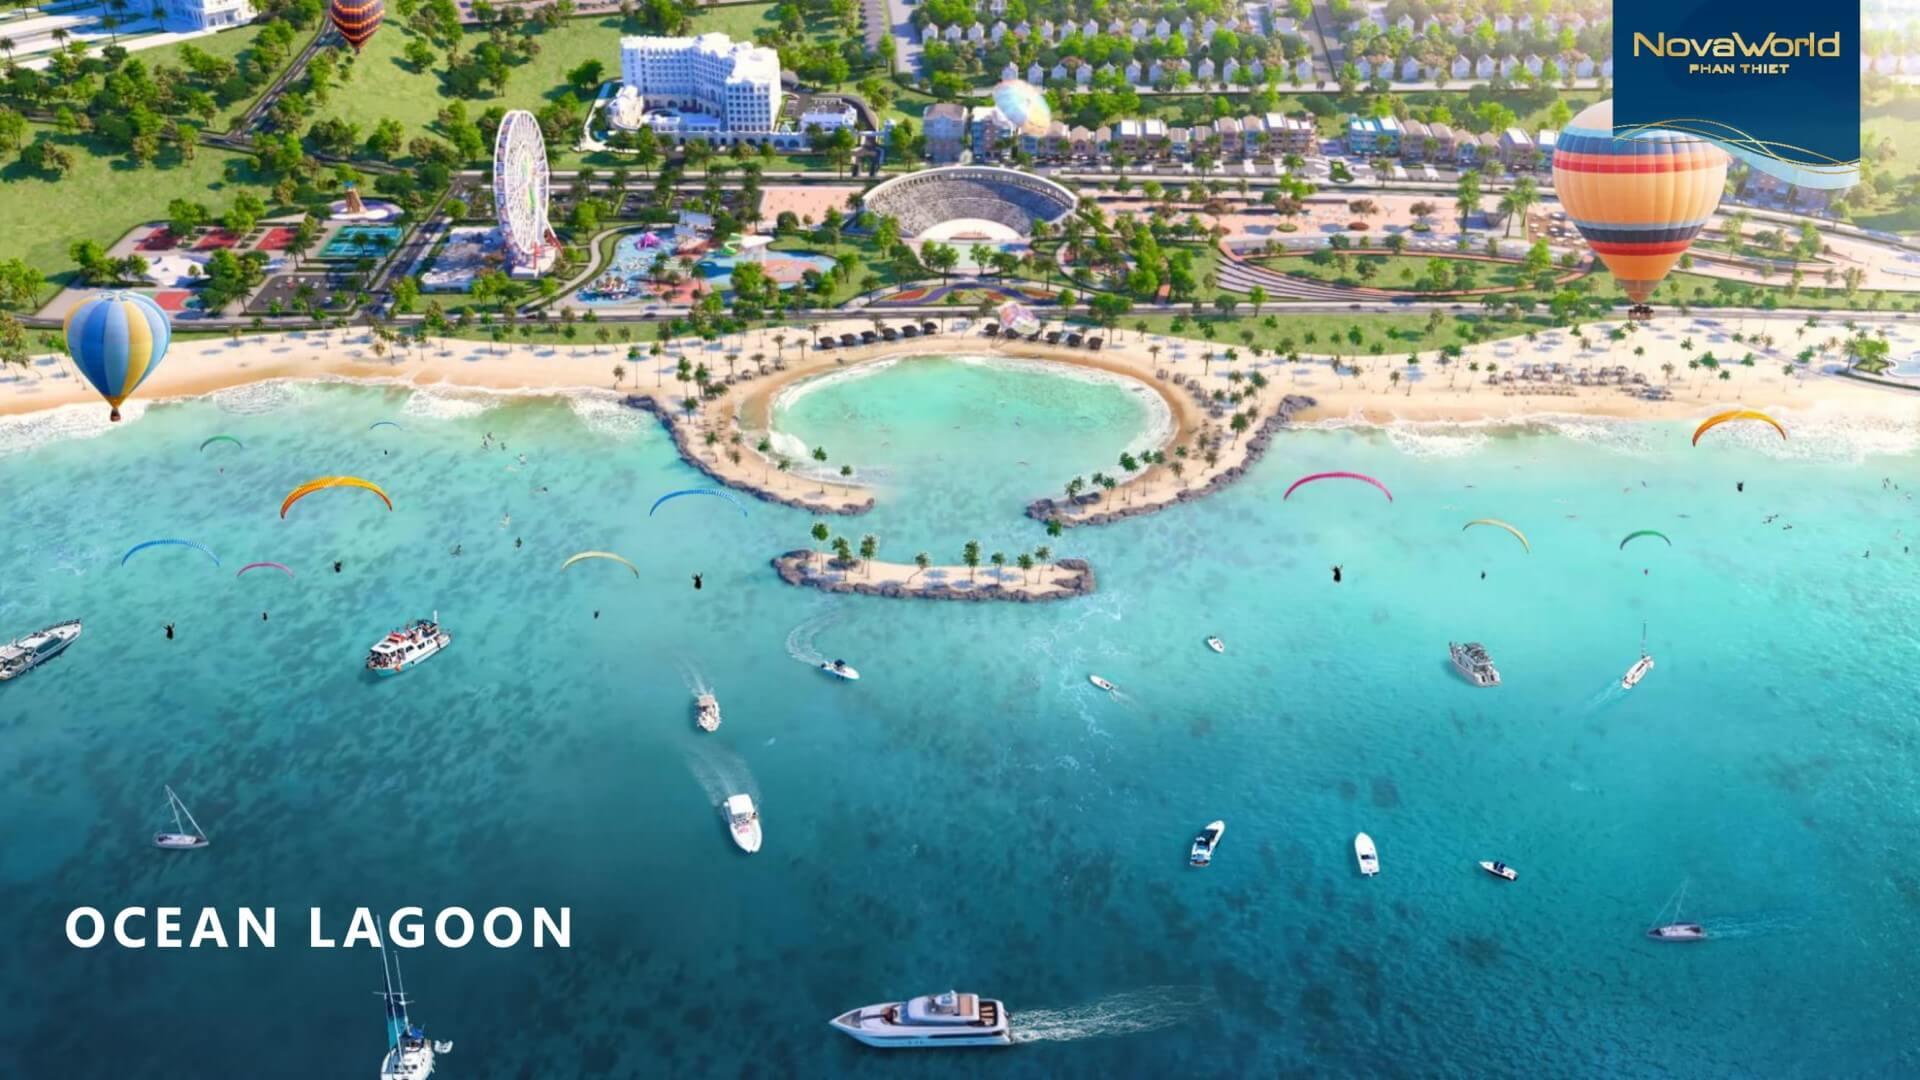 tien-ich-ho-Lagoon-chan-song-cho-tre-em-va-nguoi-gia-du-an-NovaWorld-Phan-Thiet-Binh-Thuan-Novaland